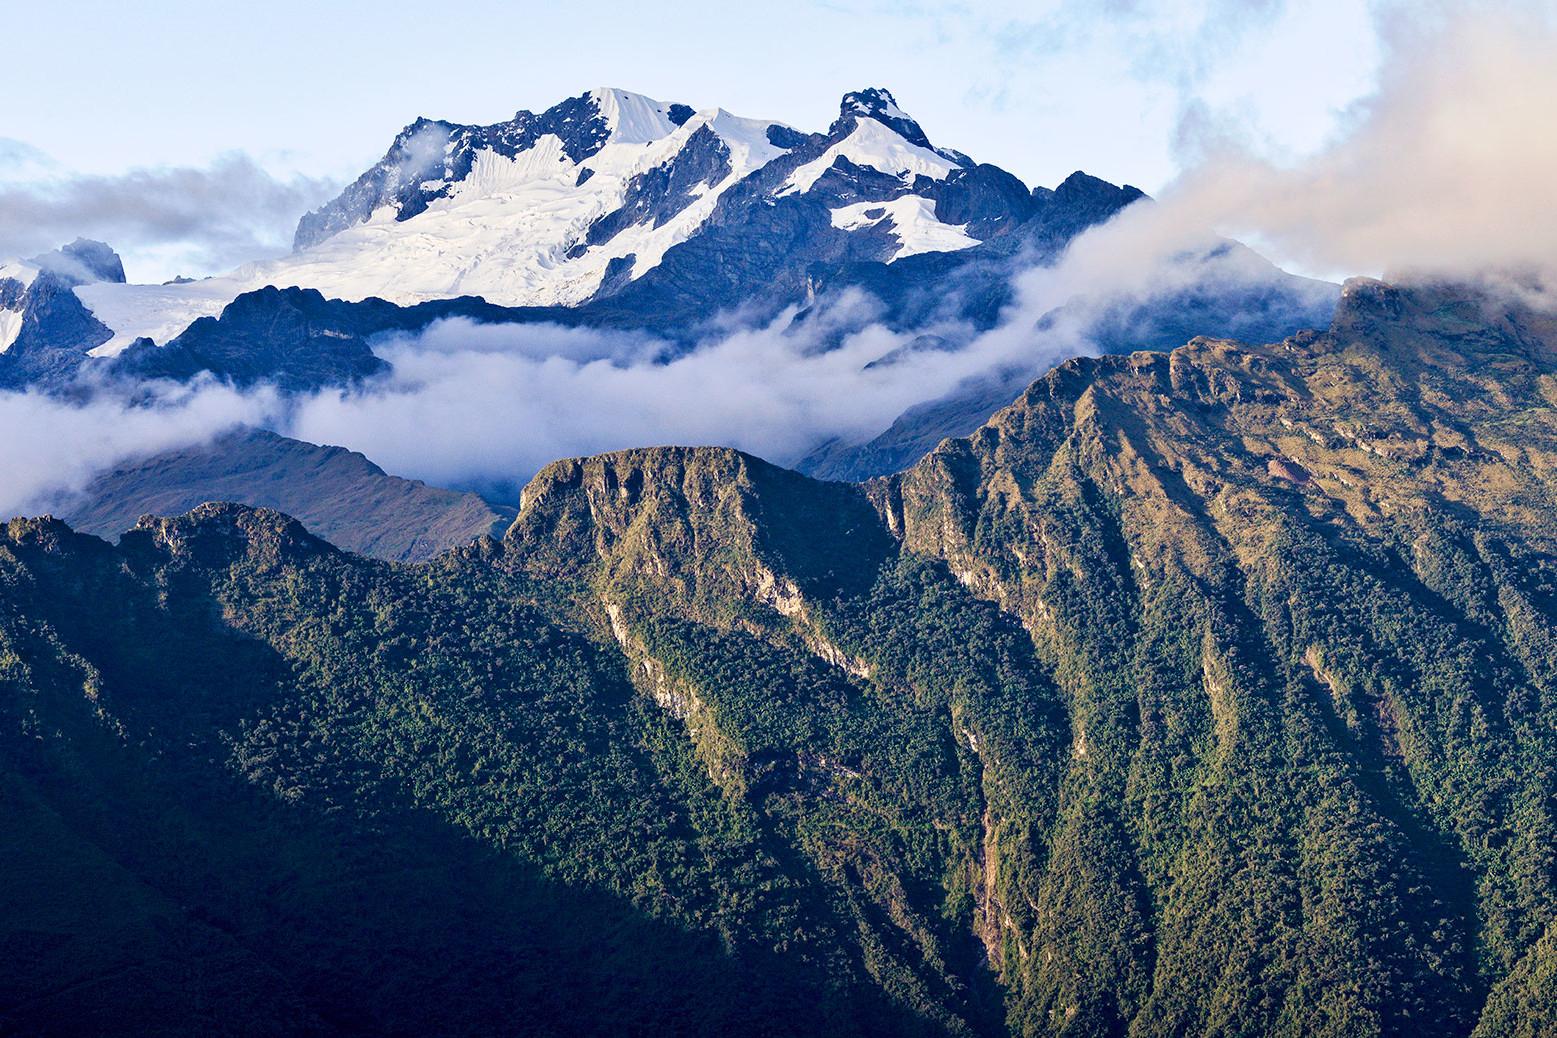 Kiunalla, una comunidad unida con los bosques andinos